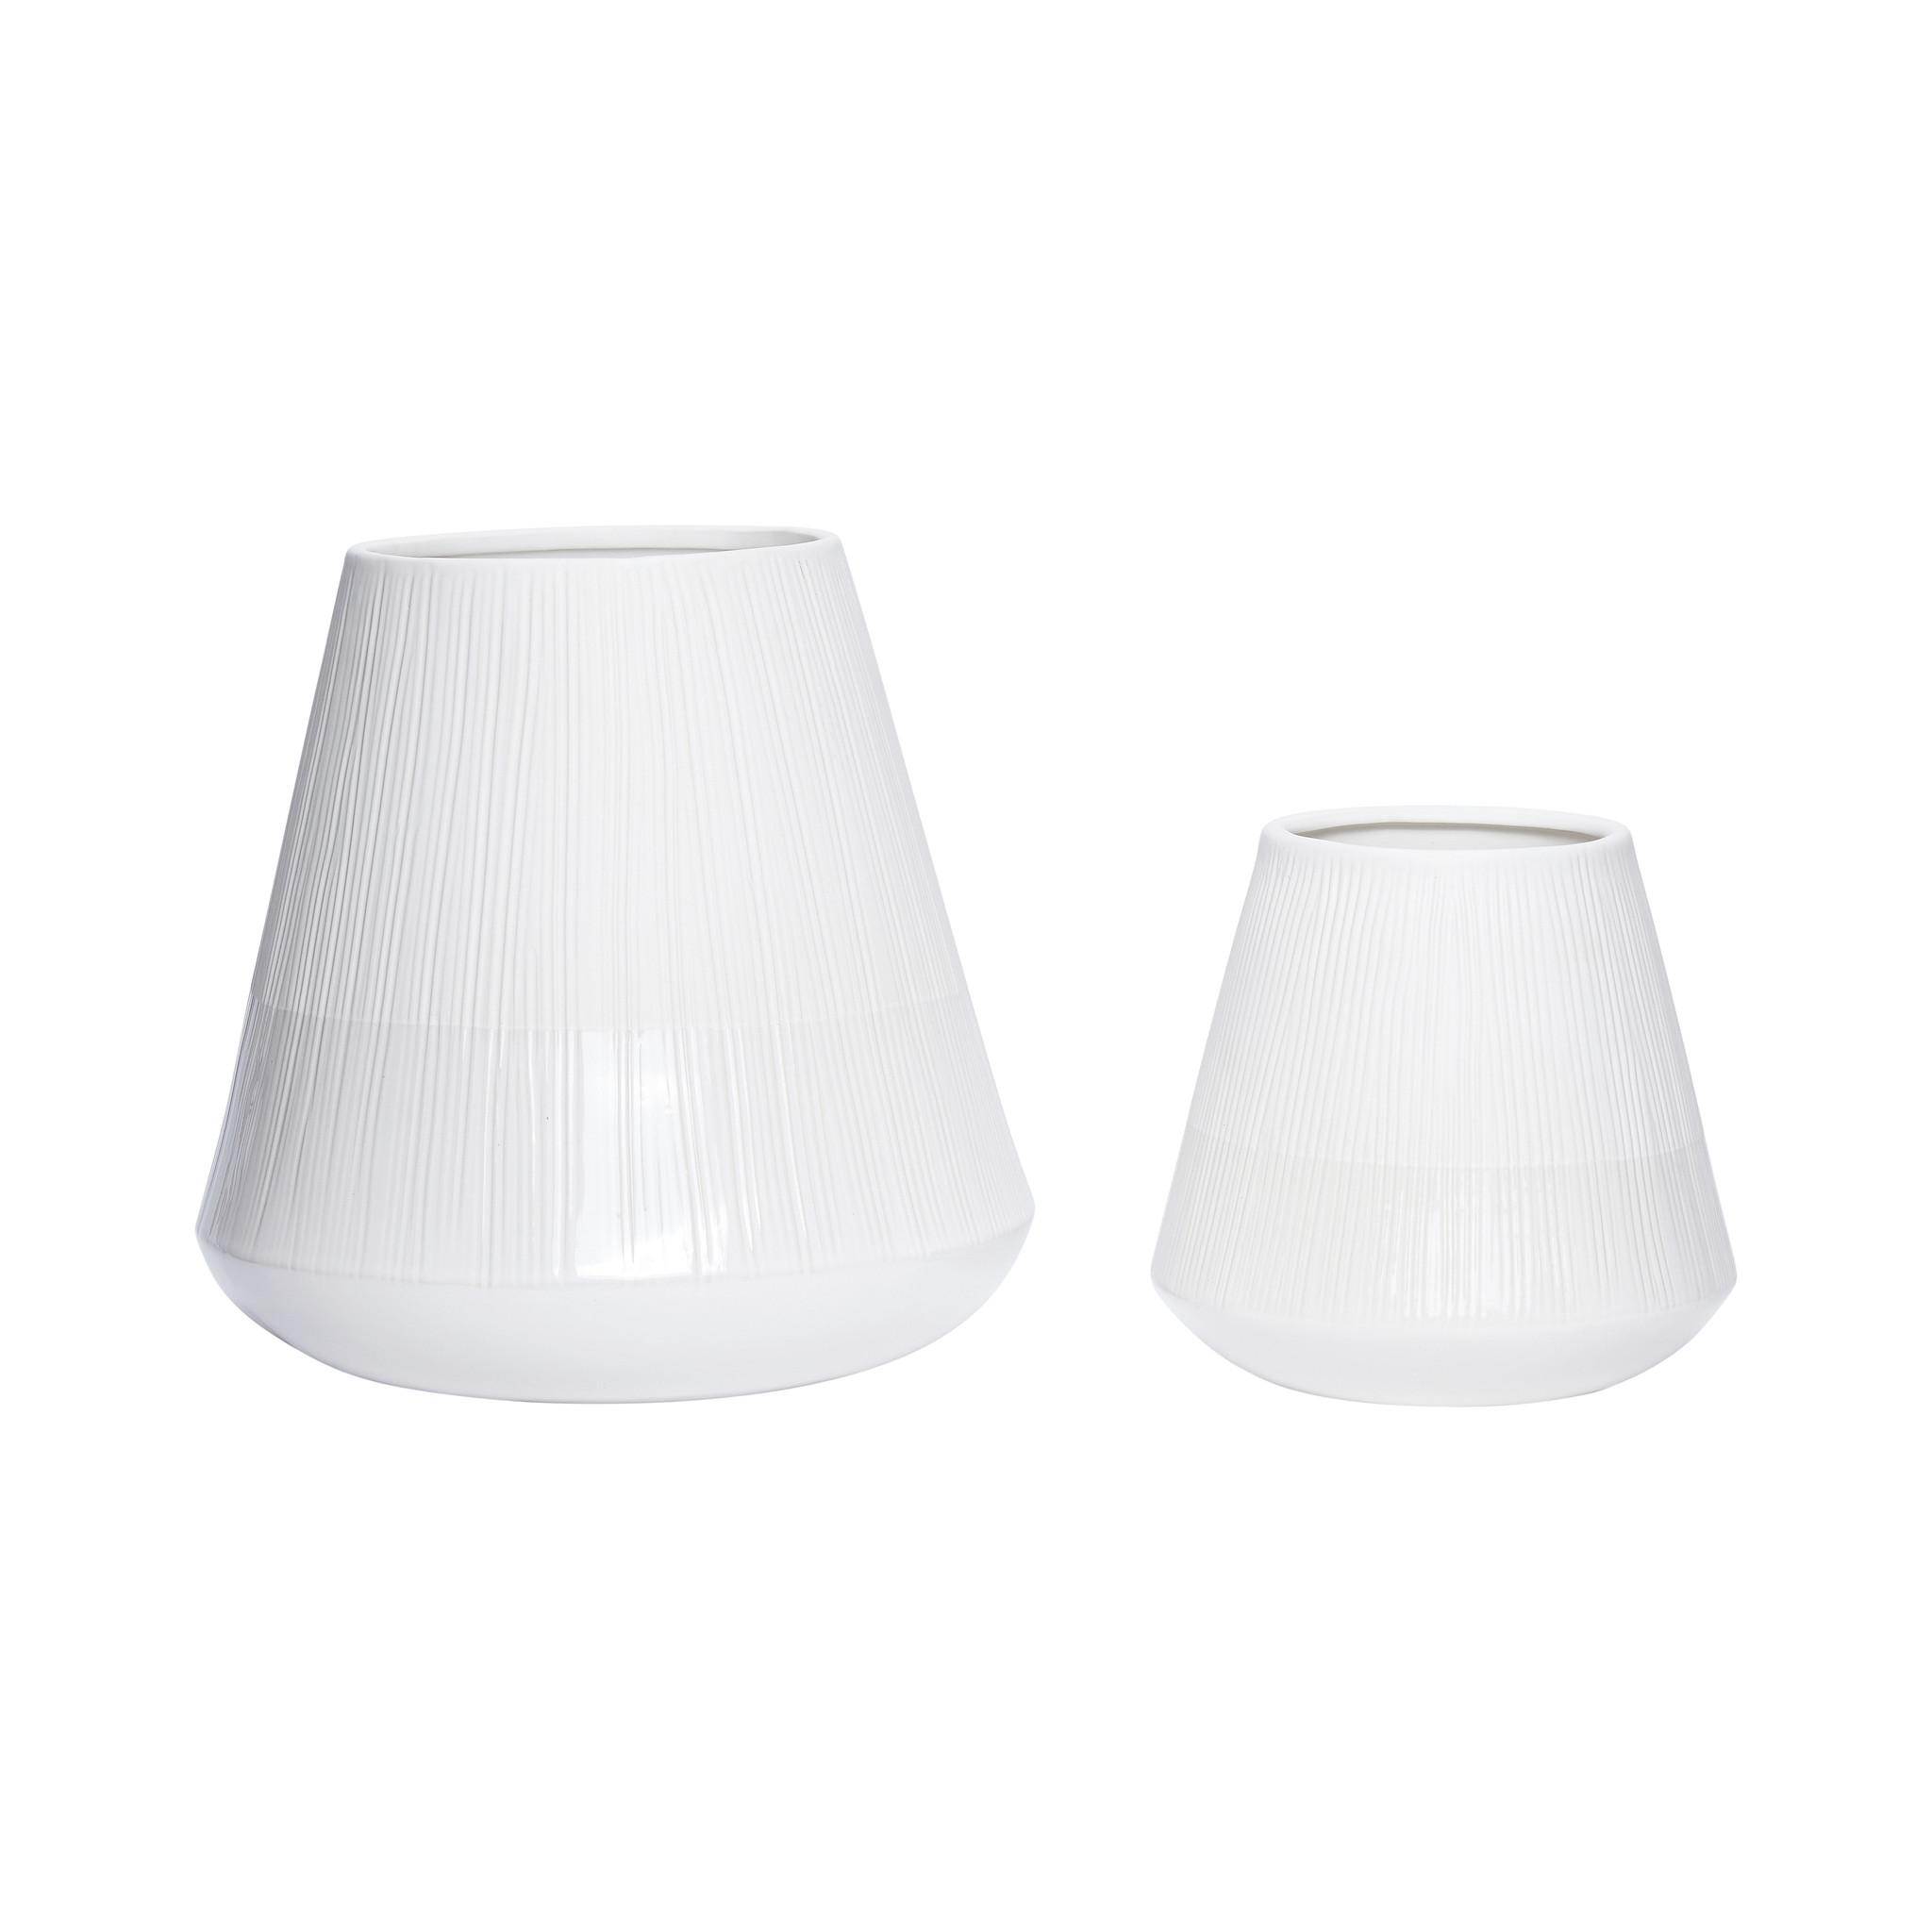 Hubsch Pot, keramiek, wit / beige, groot, set van 2-730302-5712772053744